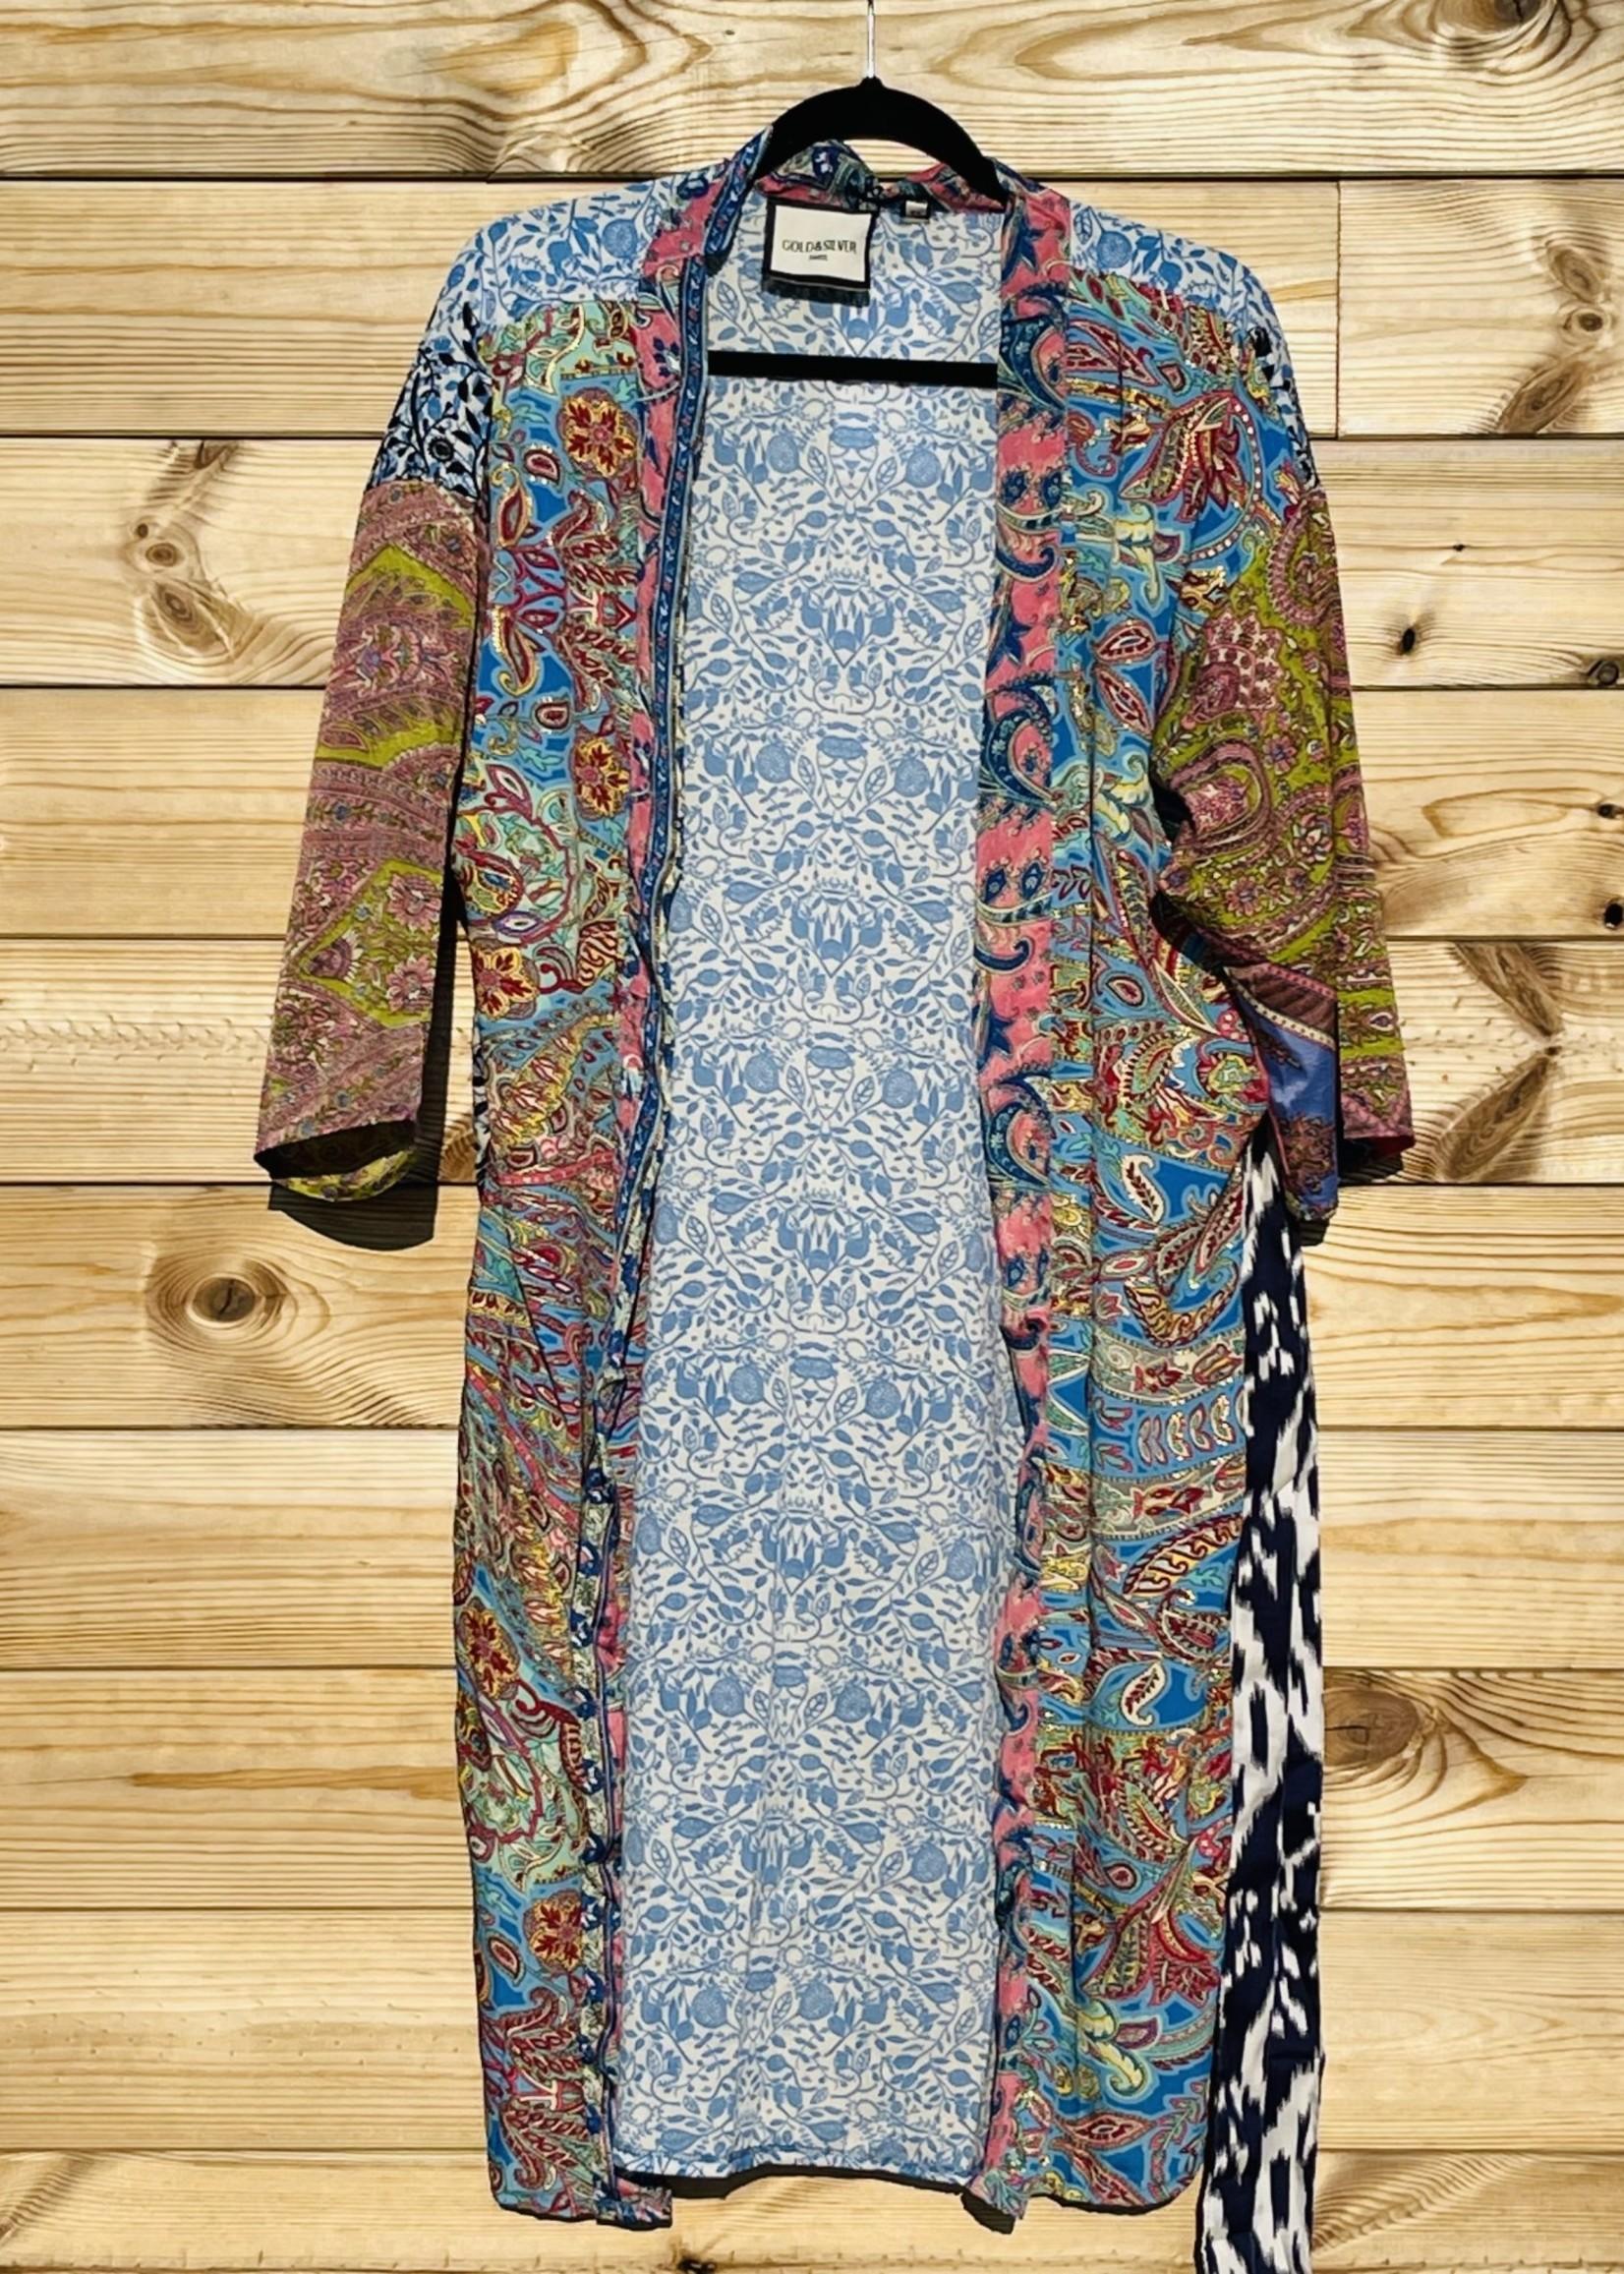 Guts & Goats Kimono Half Long 101